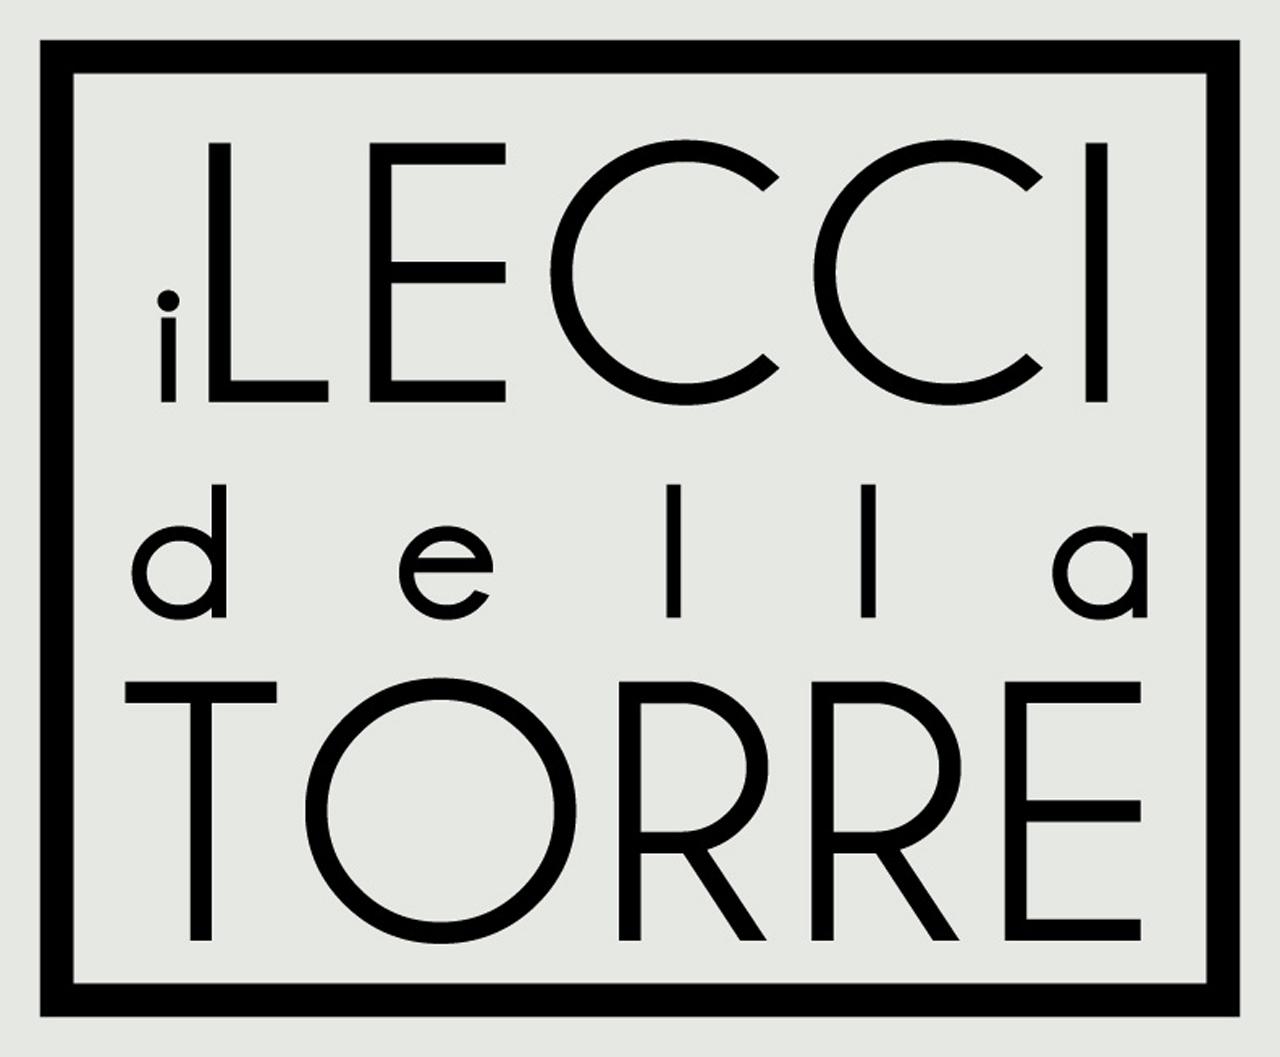 I Lecci Della Torre